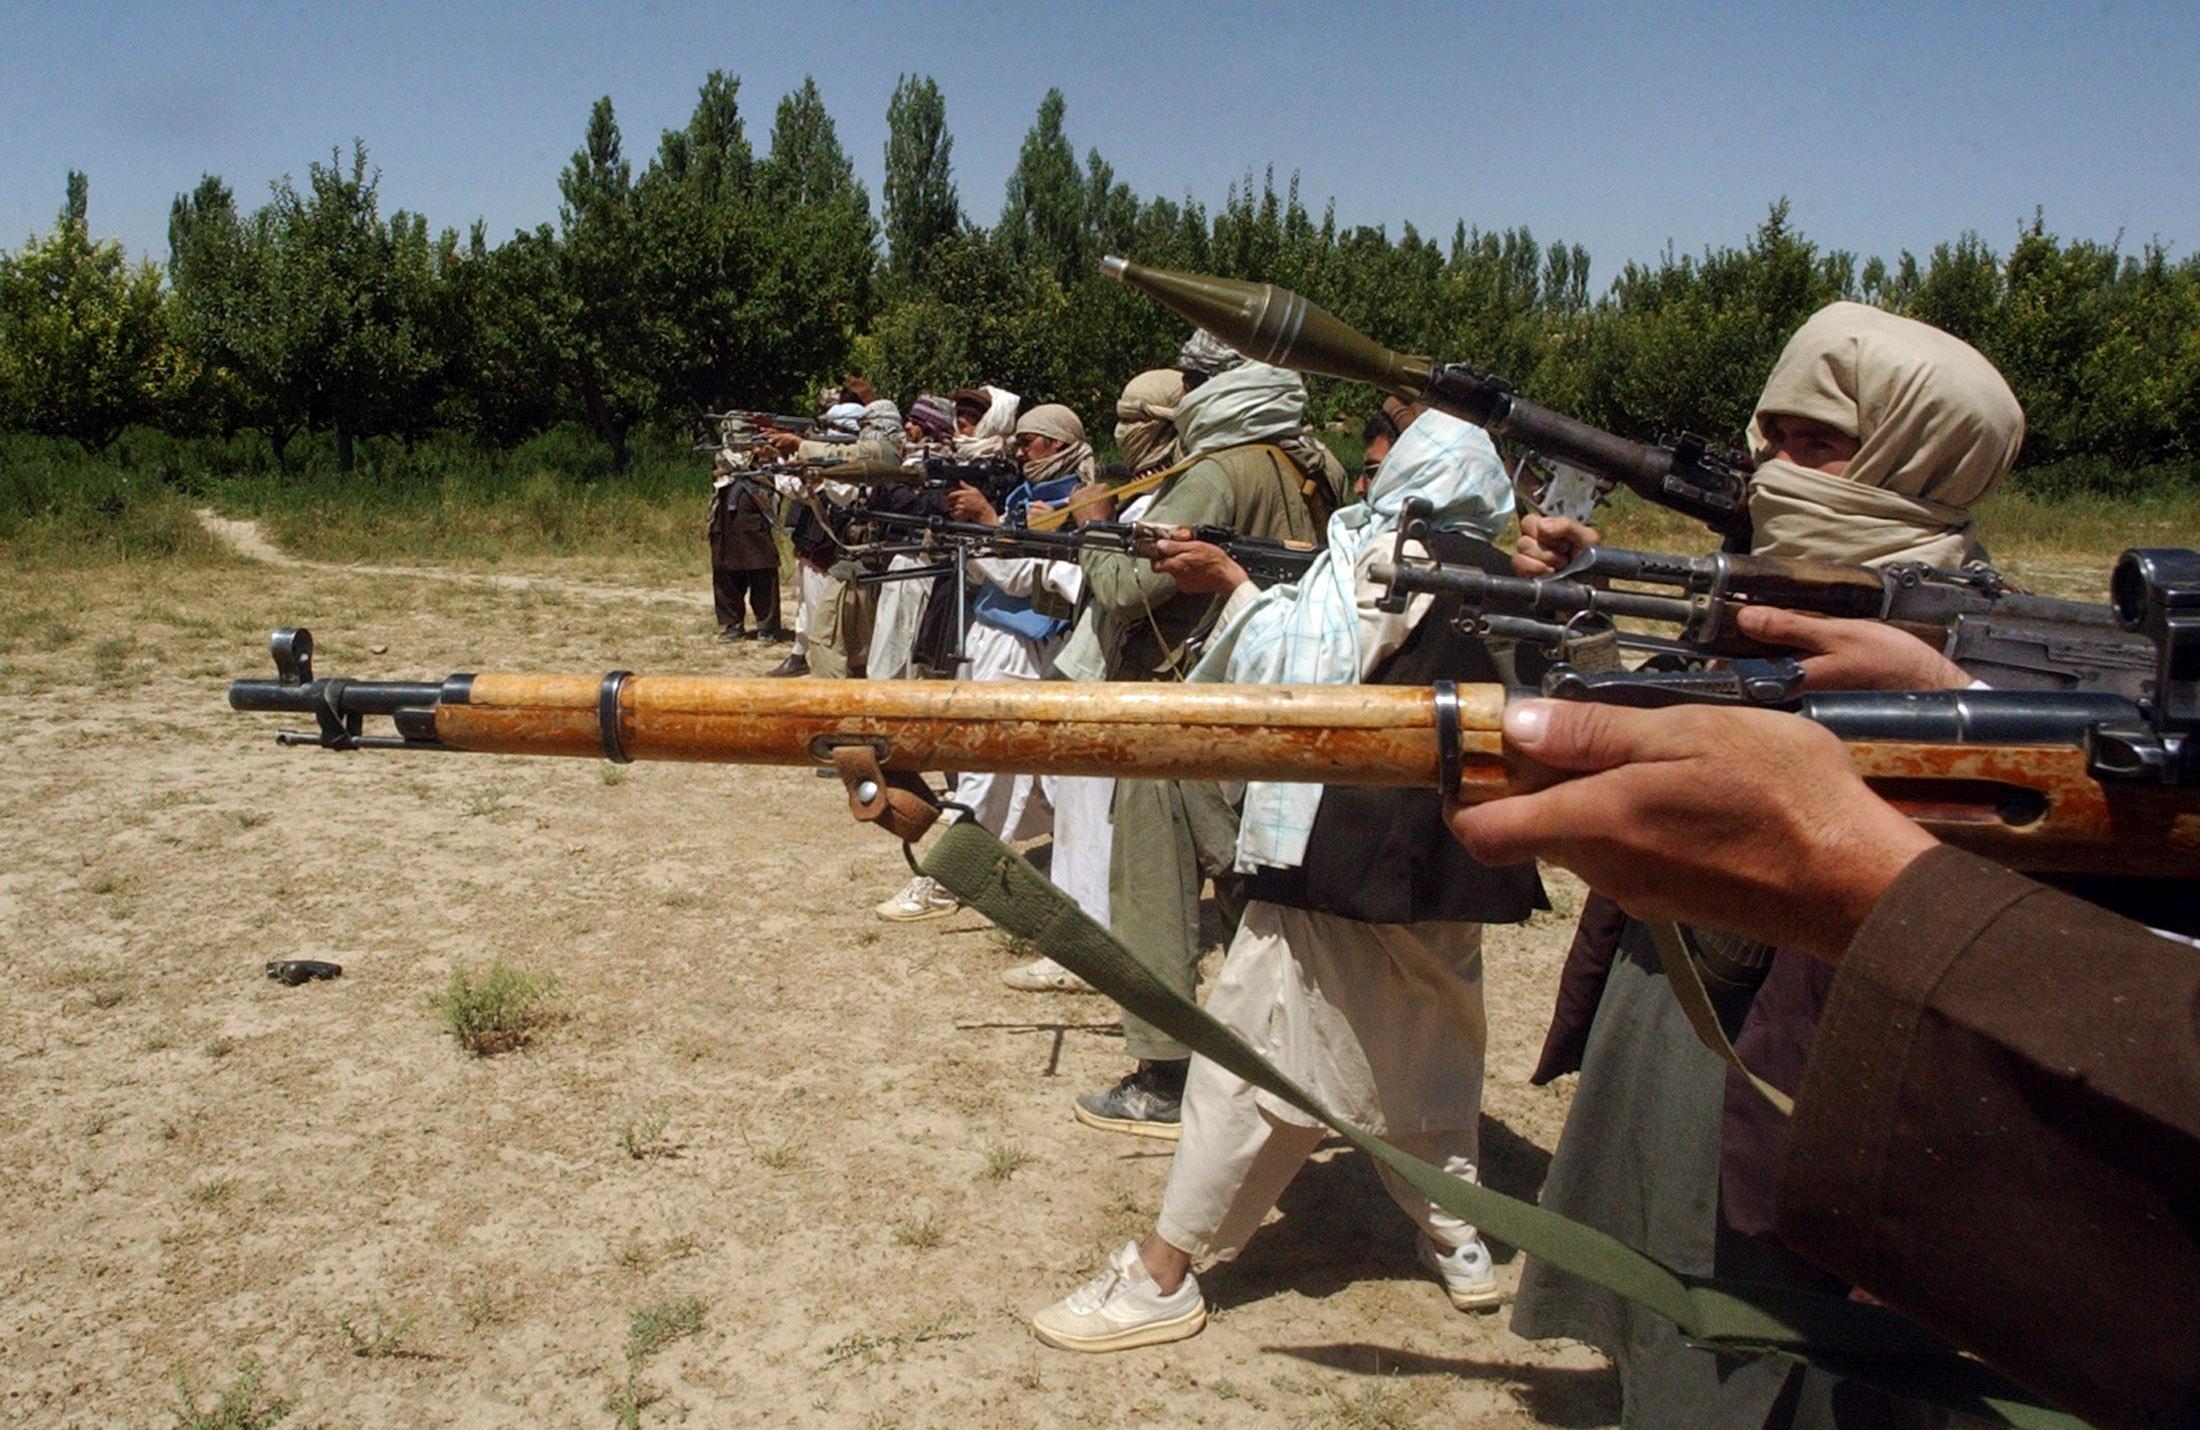 Αφγανιστάν: Οι Ταλιμπάν ισχυρίζονται ότι ελέγχουν μεγάλο μέρος του αεροδρομίου της Καμπούλ – Διαψεύδει το Πεντάγωνο